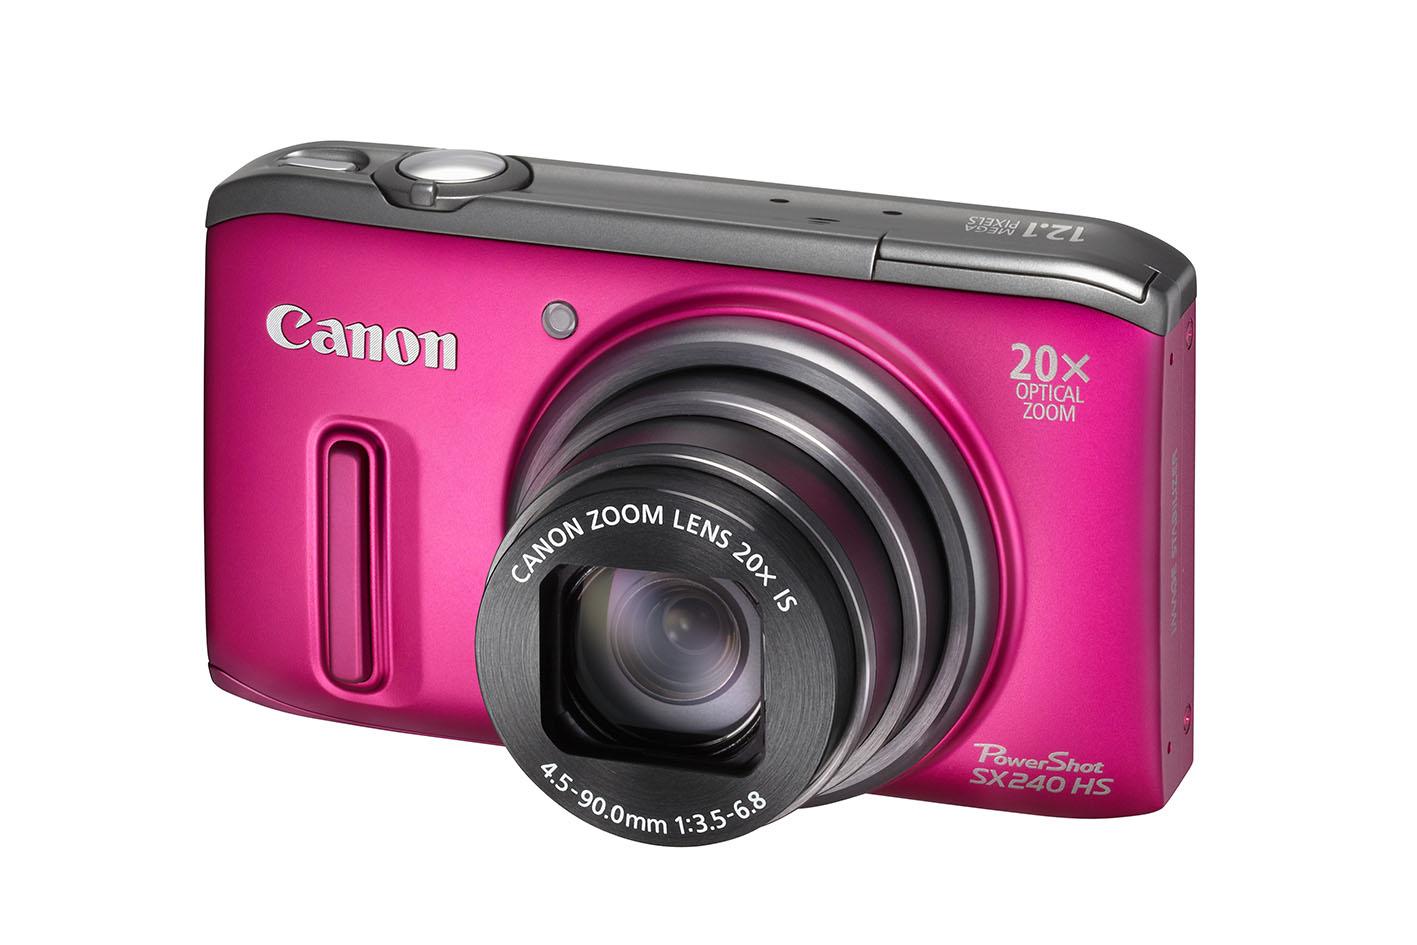 Canon powershot sx240 hs fotocamera compatta digitale 12 for Hd esterno non rilevato